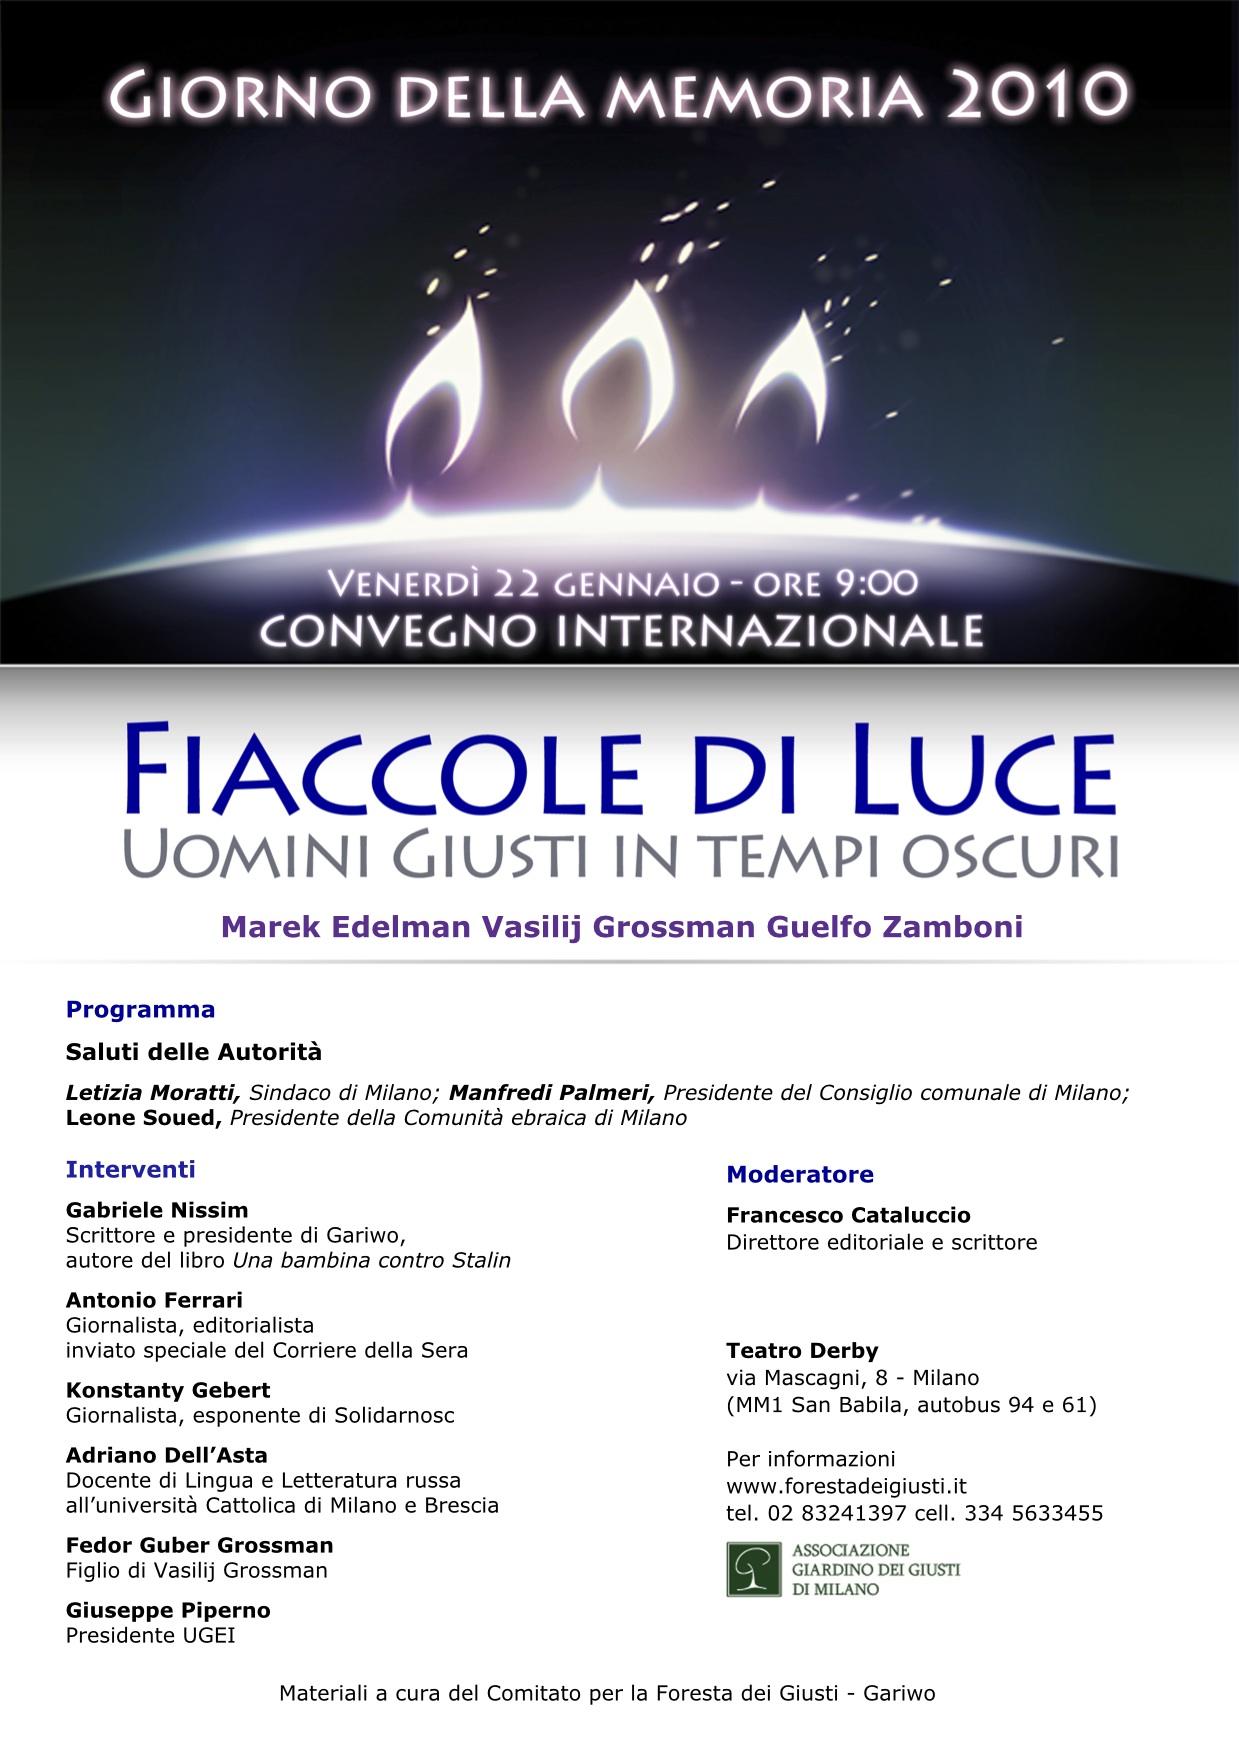 Fiaccole di Luce - 2010